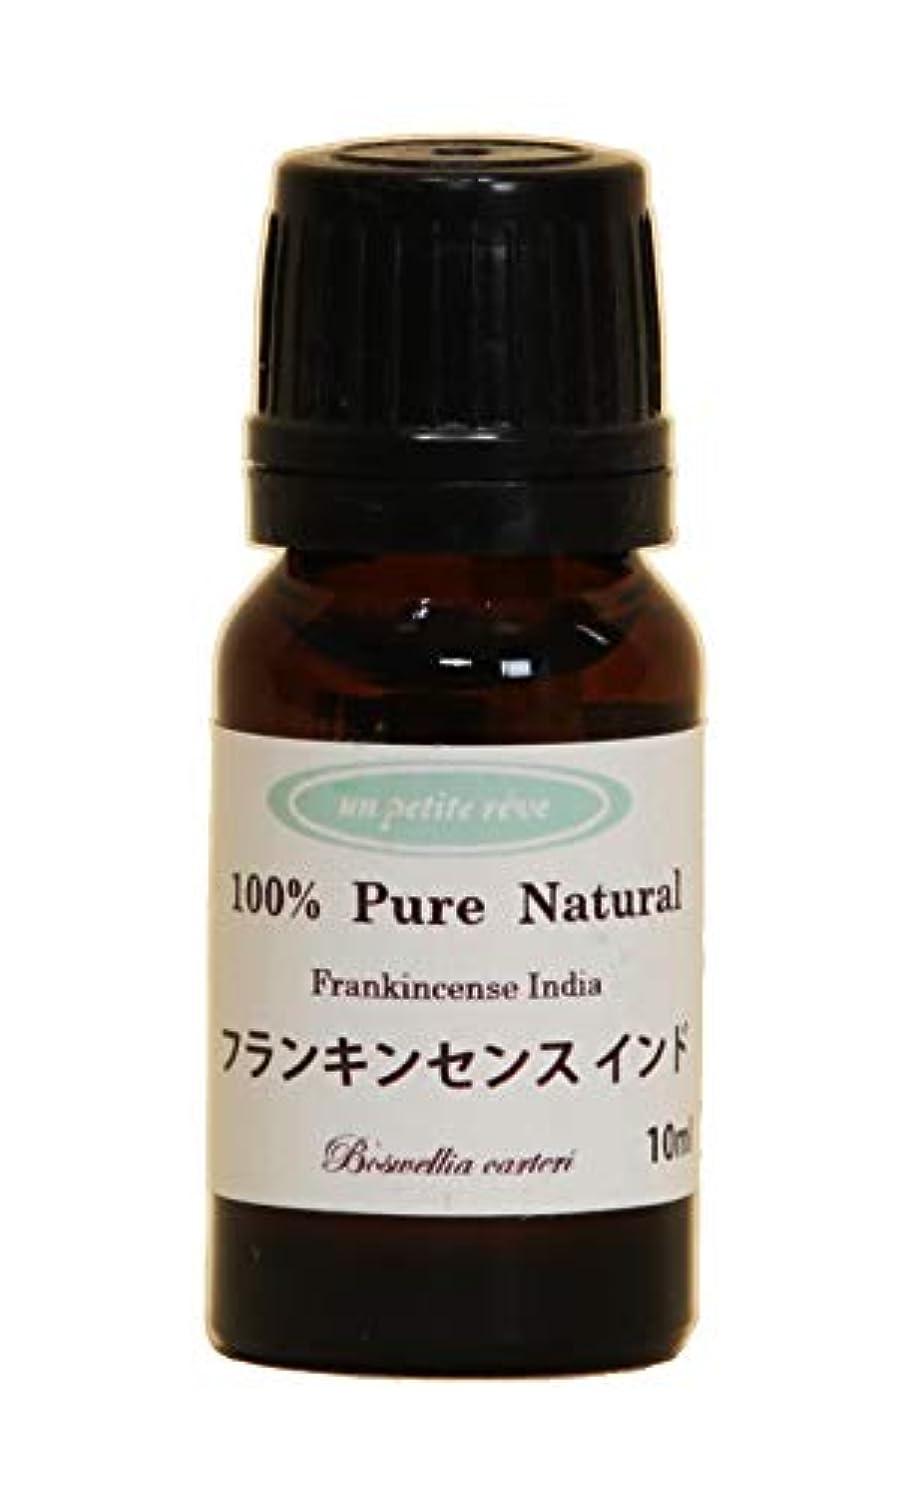 アルネ持っているびんフランキンセンスインド10ml 100%天然アロマエッセンシャルオイル(精油)